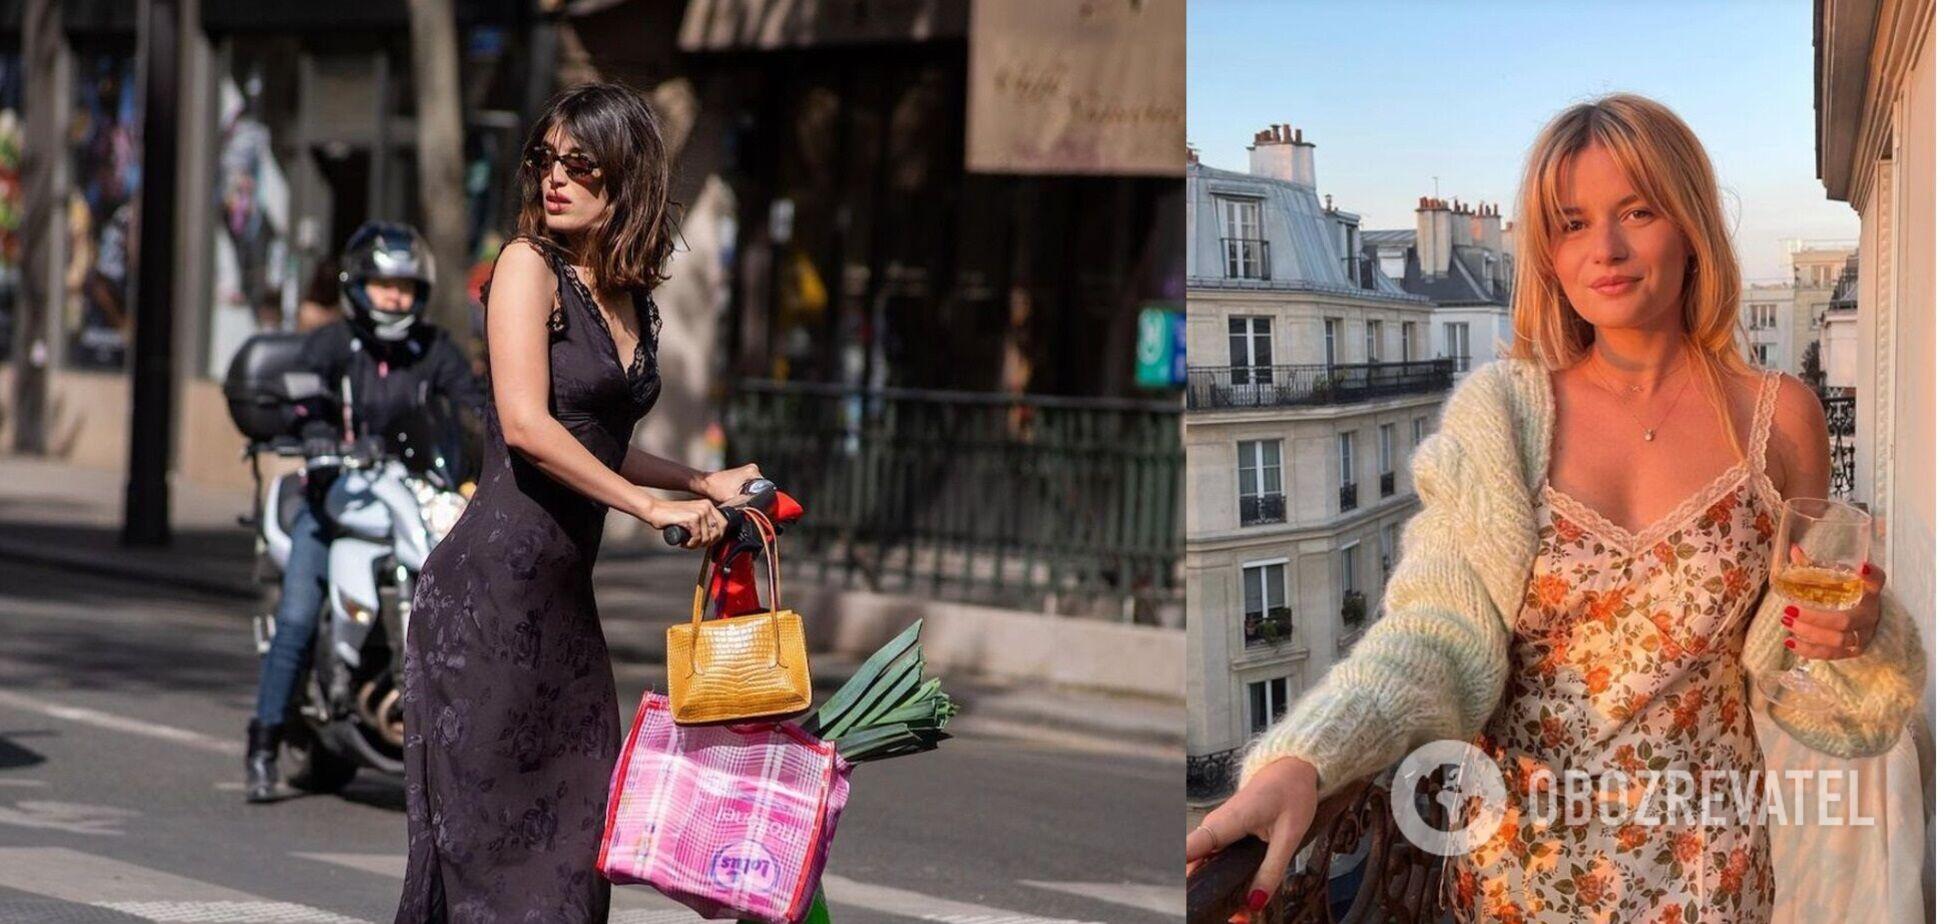 Раскрыты секреты красоты француженок, которые помогают им всегда выглядеть привлекательно